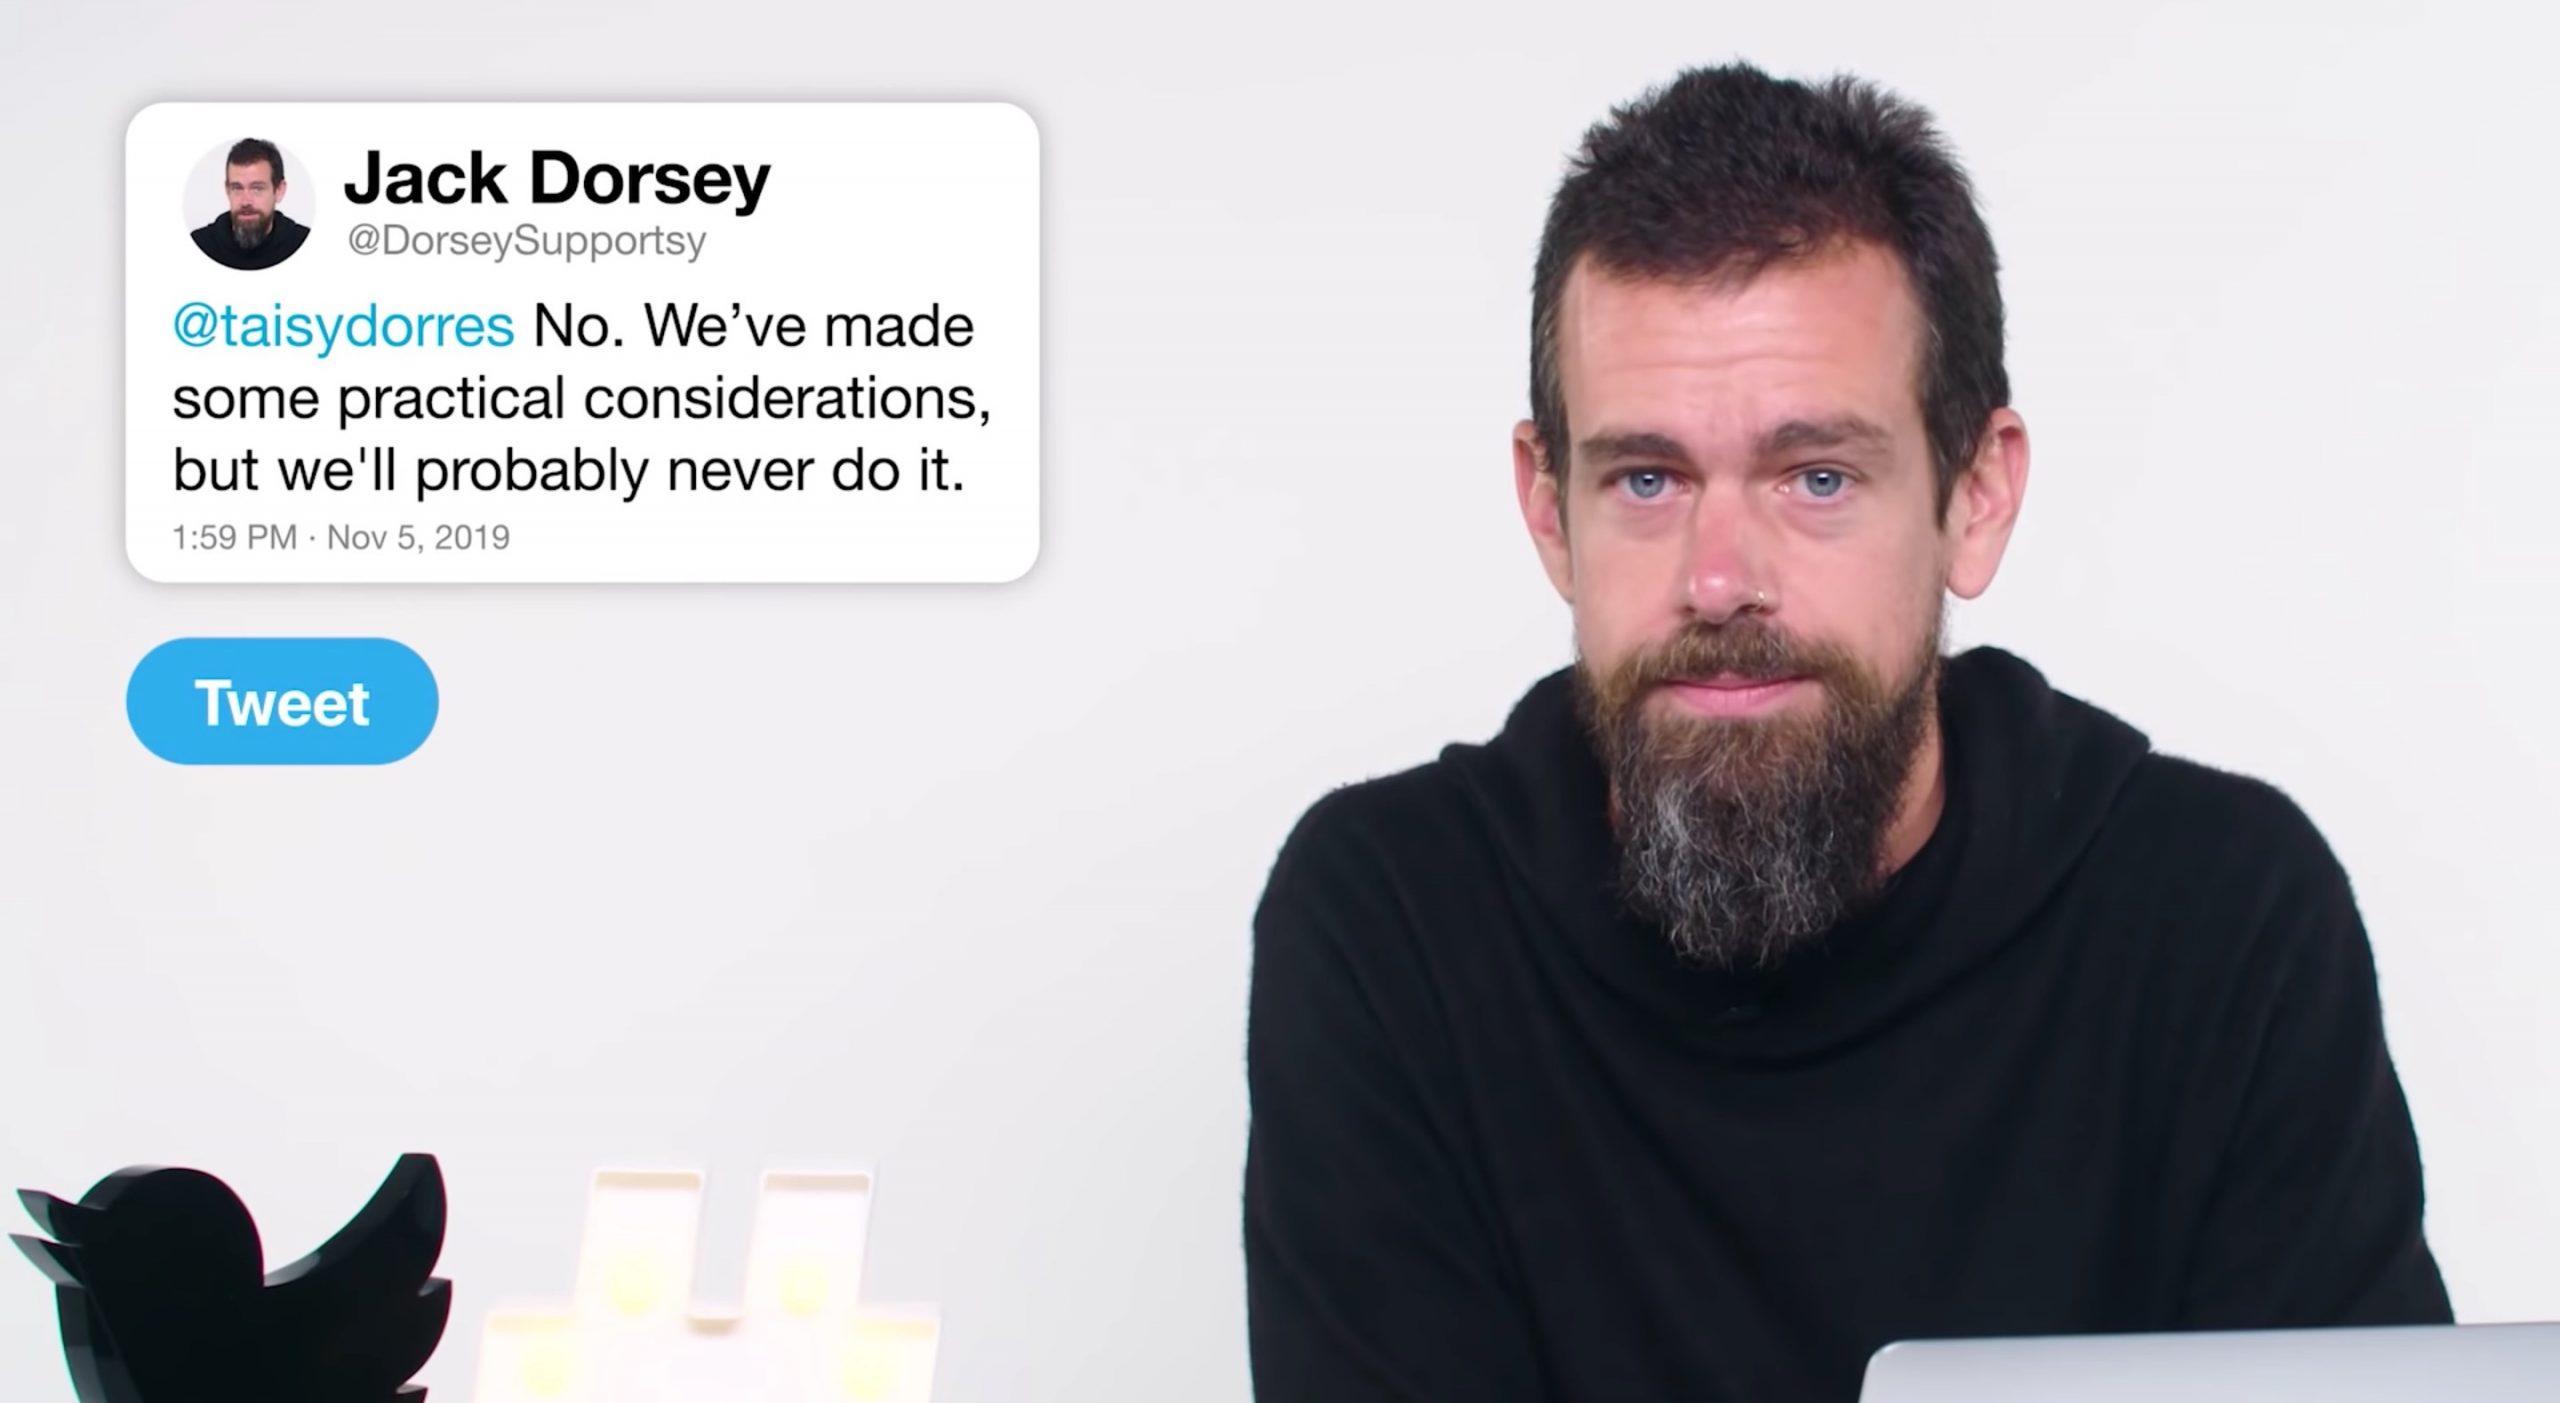 Twitter、ツイートの編集機能を年内は導入しないと明言